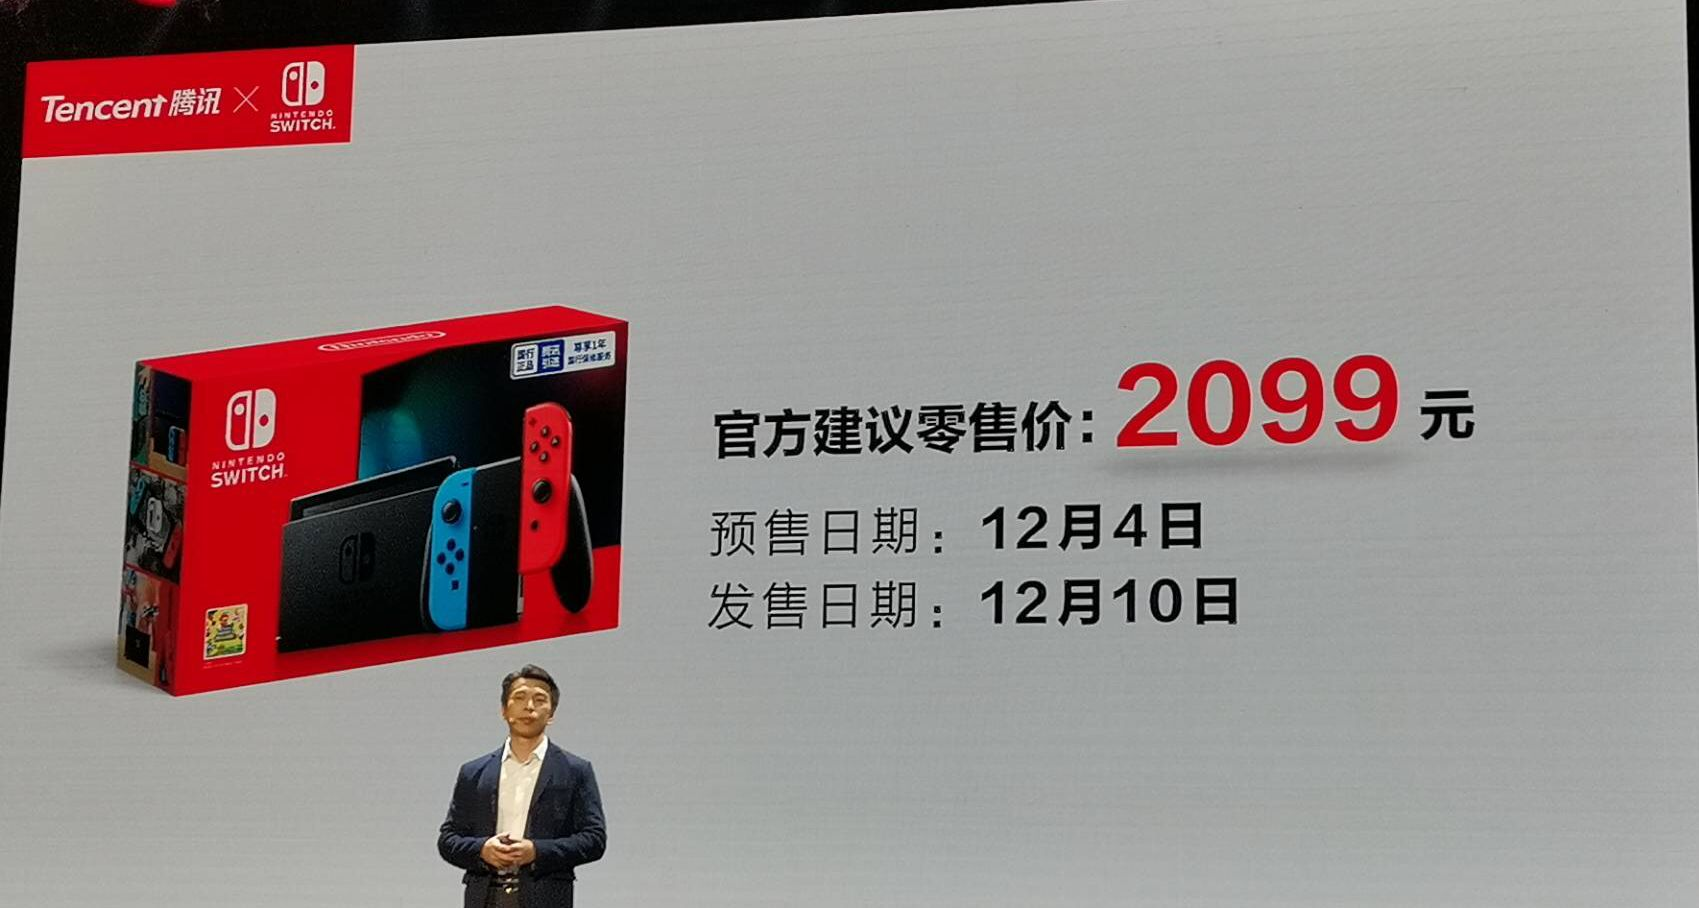 腾讯国行Switch官方公布 预售已开启定价2099元!